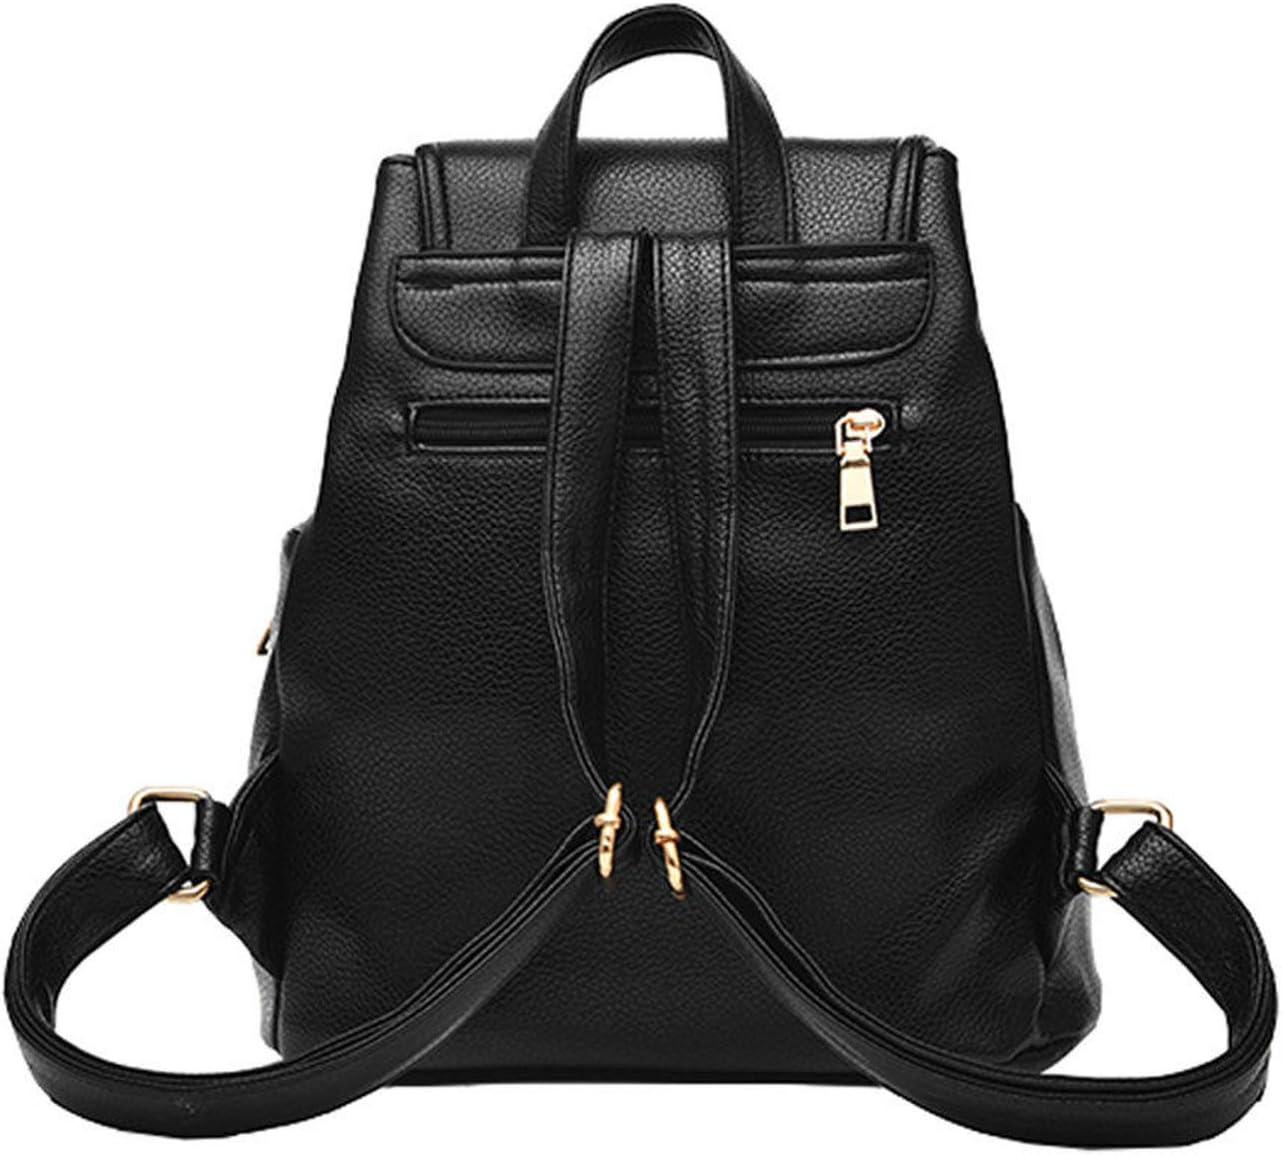 PU Bagpack Mochila Feminina Rucksack backpack female fashion travel bag,Burgundy